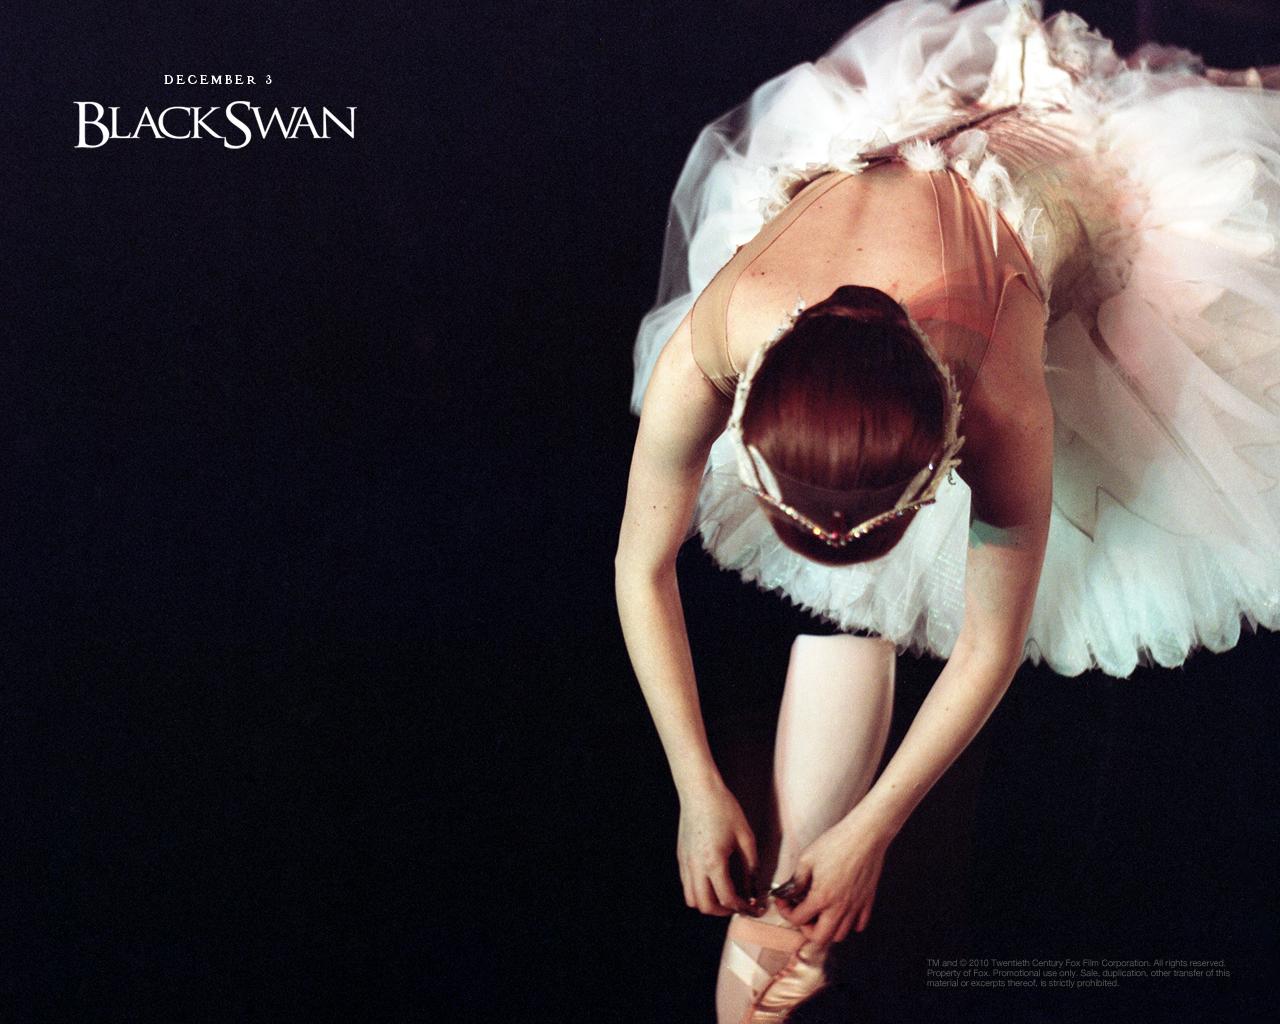 http://3.bp.blogspot.com/_crLwJ6g1YRg/TRstz2rwsJI/AAAAAAAAHPc/IDezz62QdBo/s1600/Natalie_Portman_in_Black_Swan_Wallpaper_3_1024.jpg